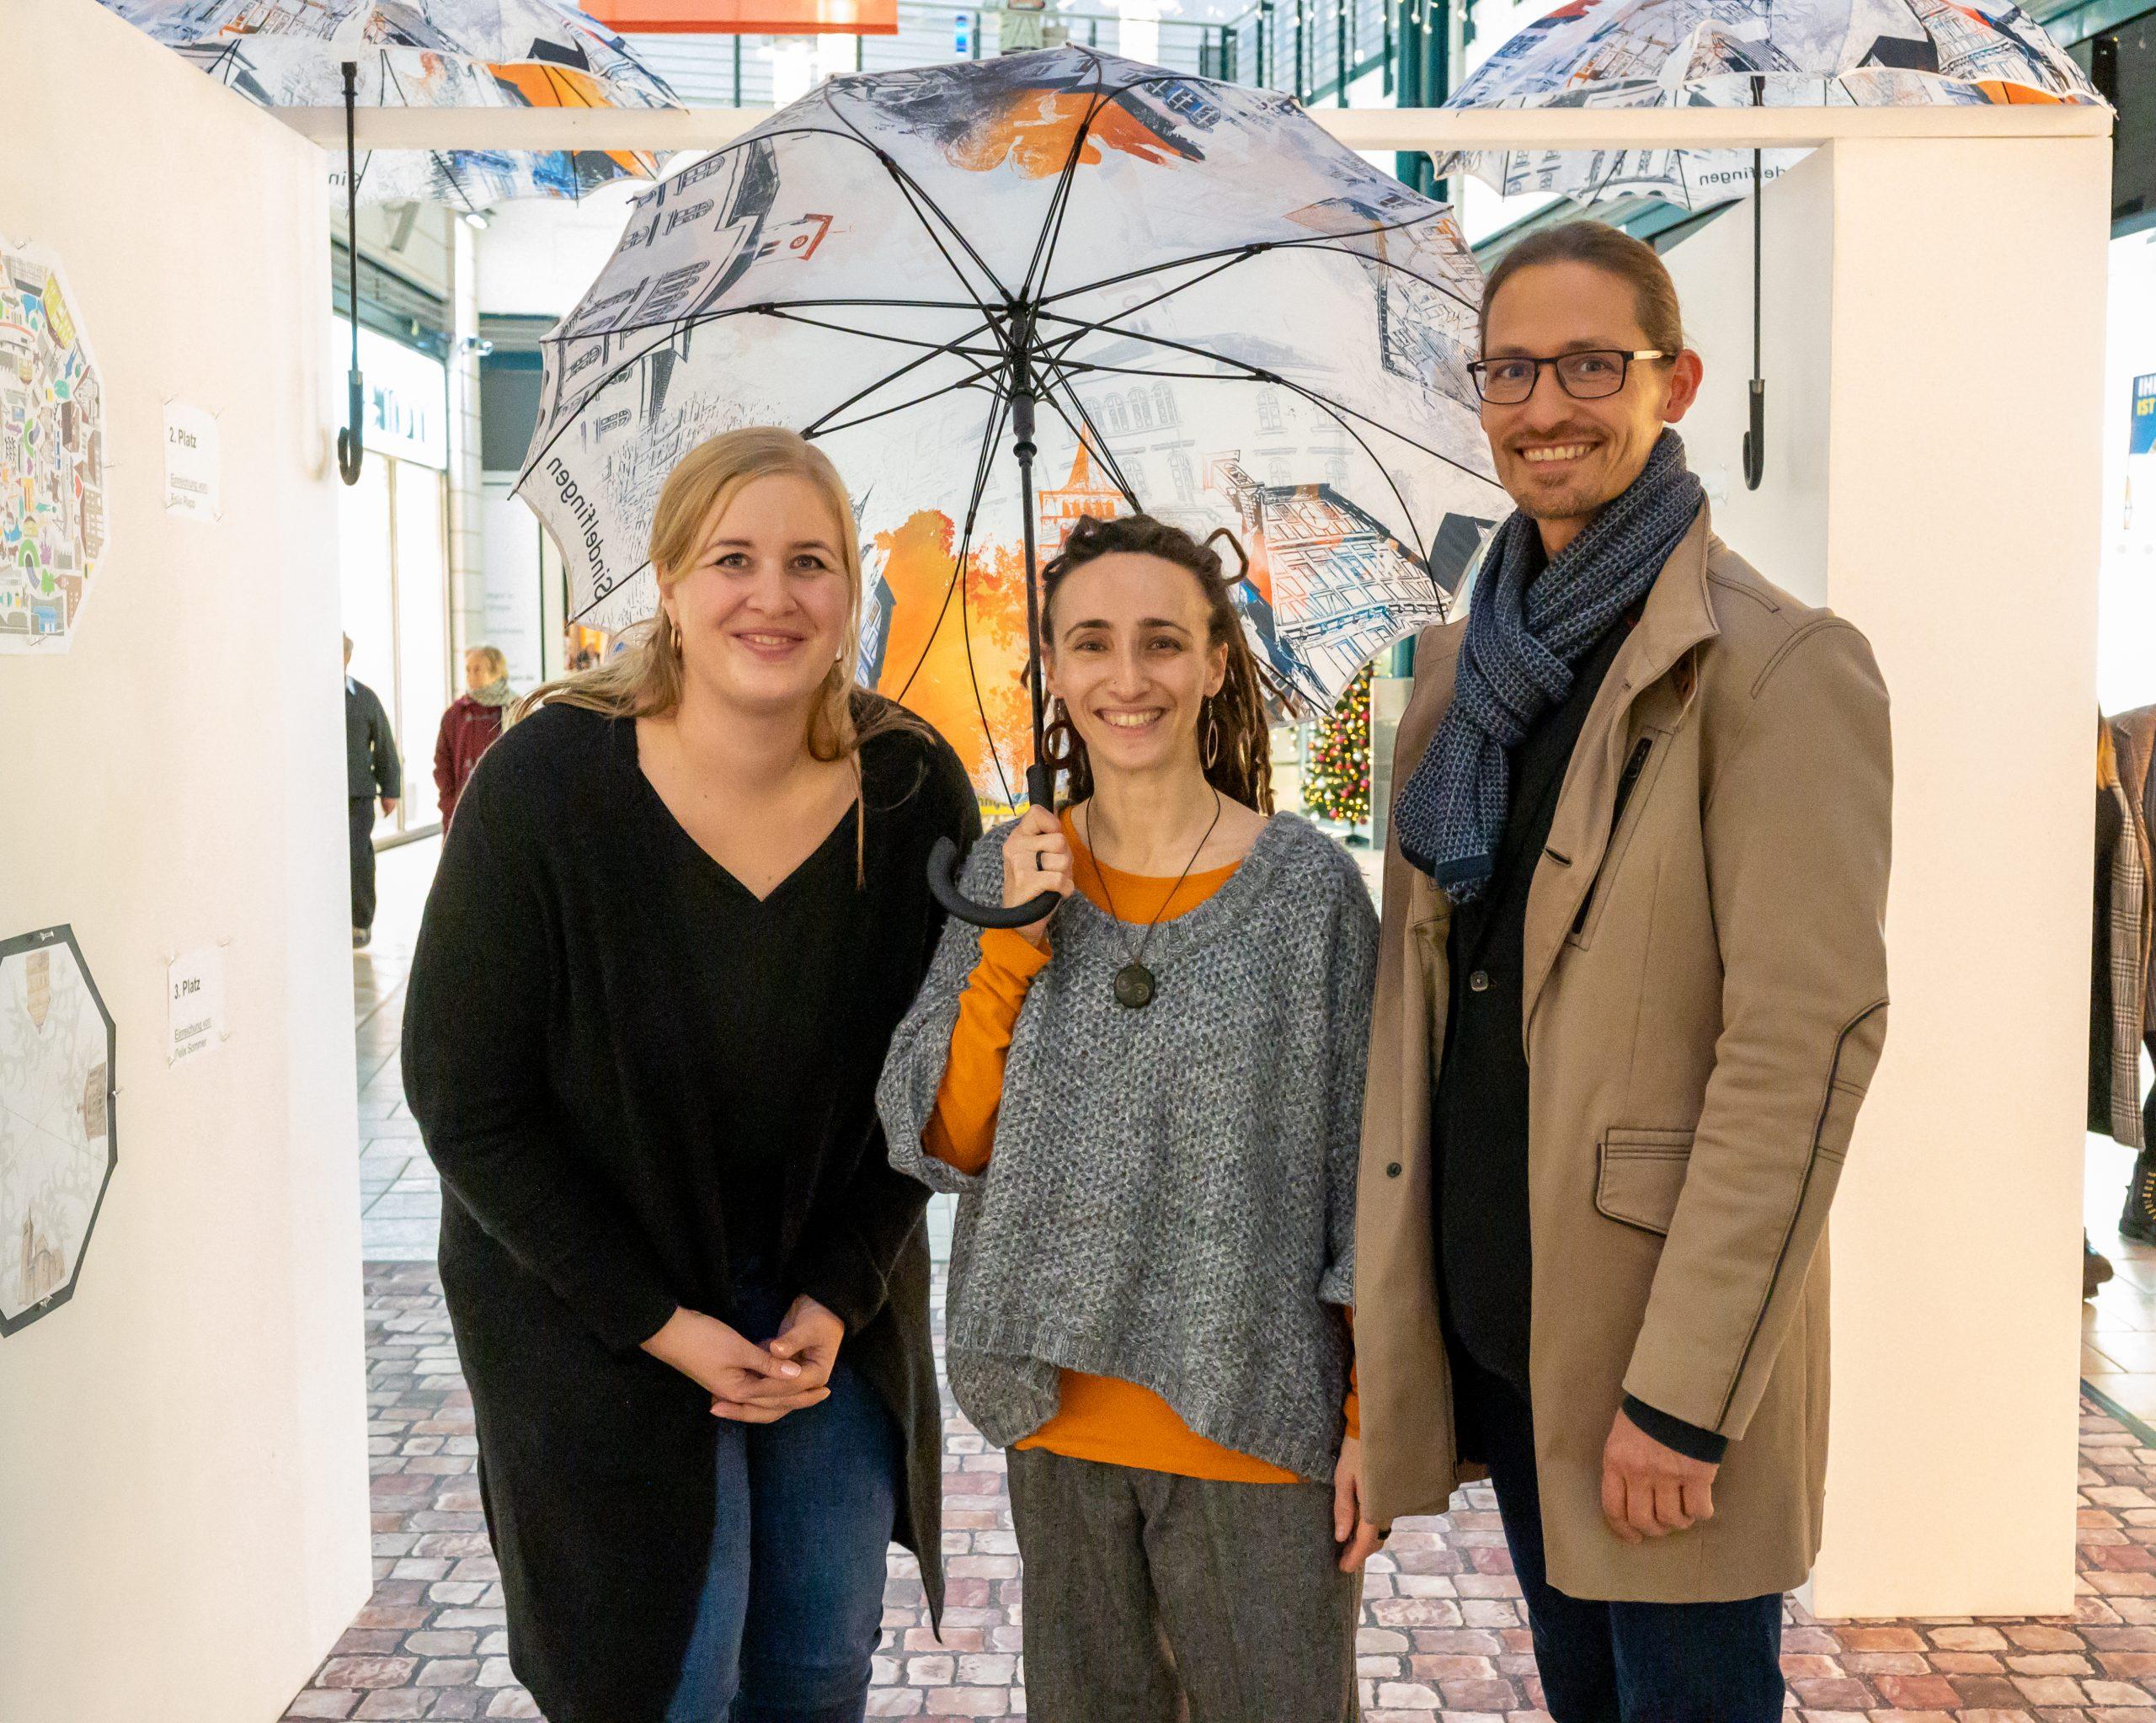 Gewinnerin des Gestaltungswettbewerbs Stadtschirm Sindelfingen